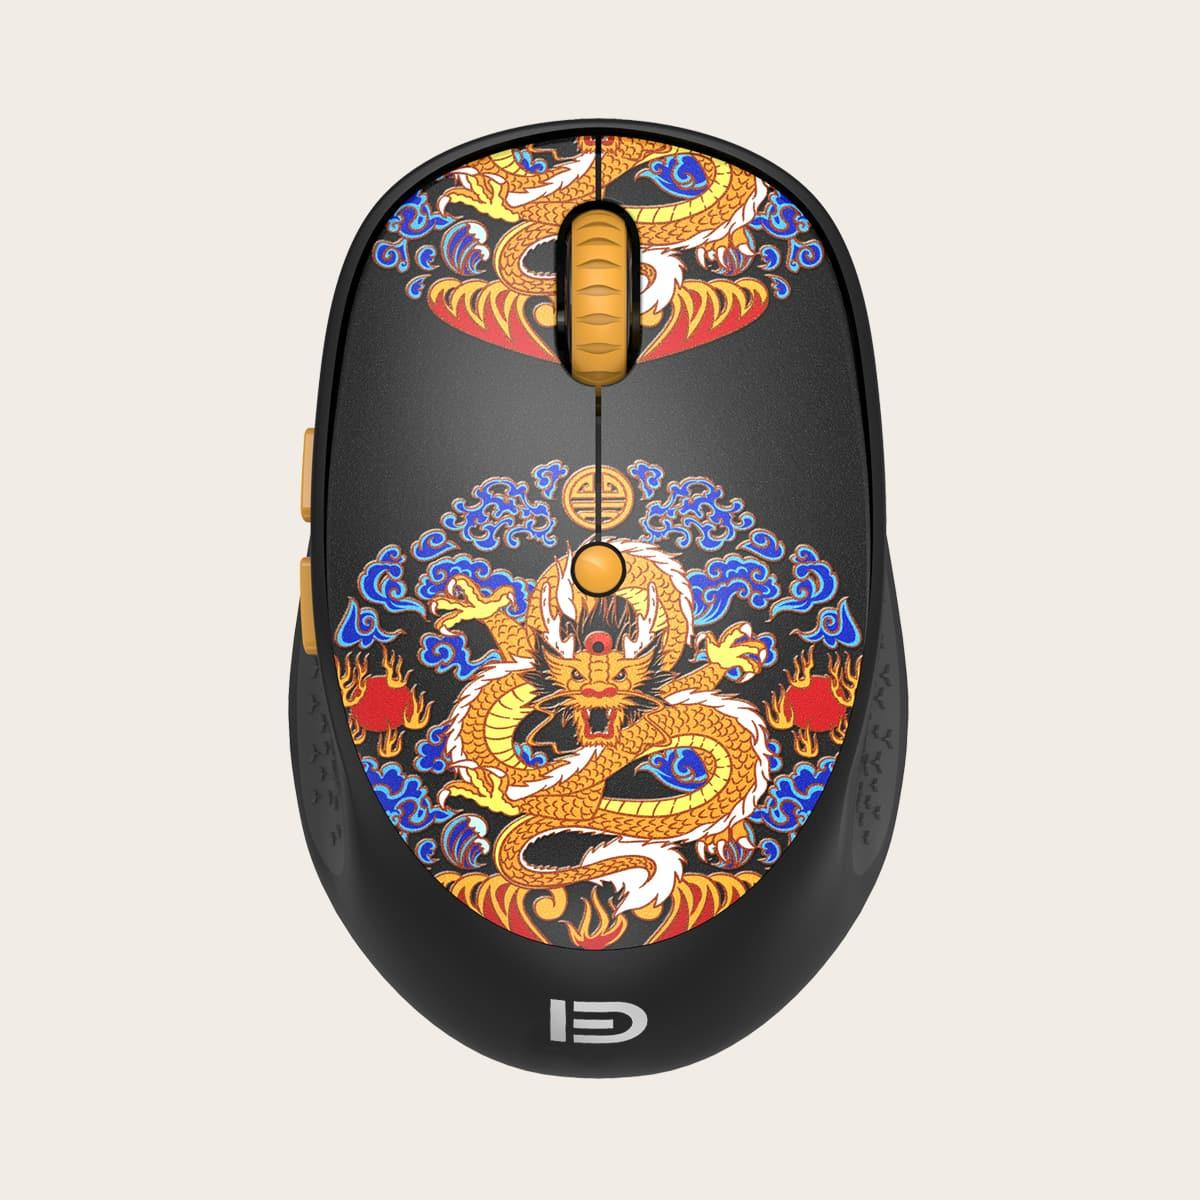 Drahtlose Maus mit chinesischem Drachen Muster